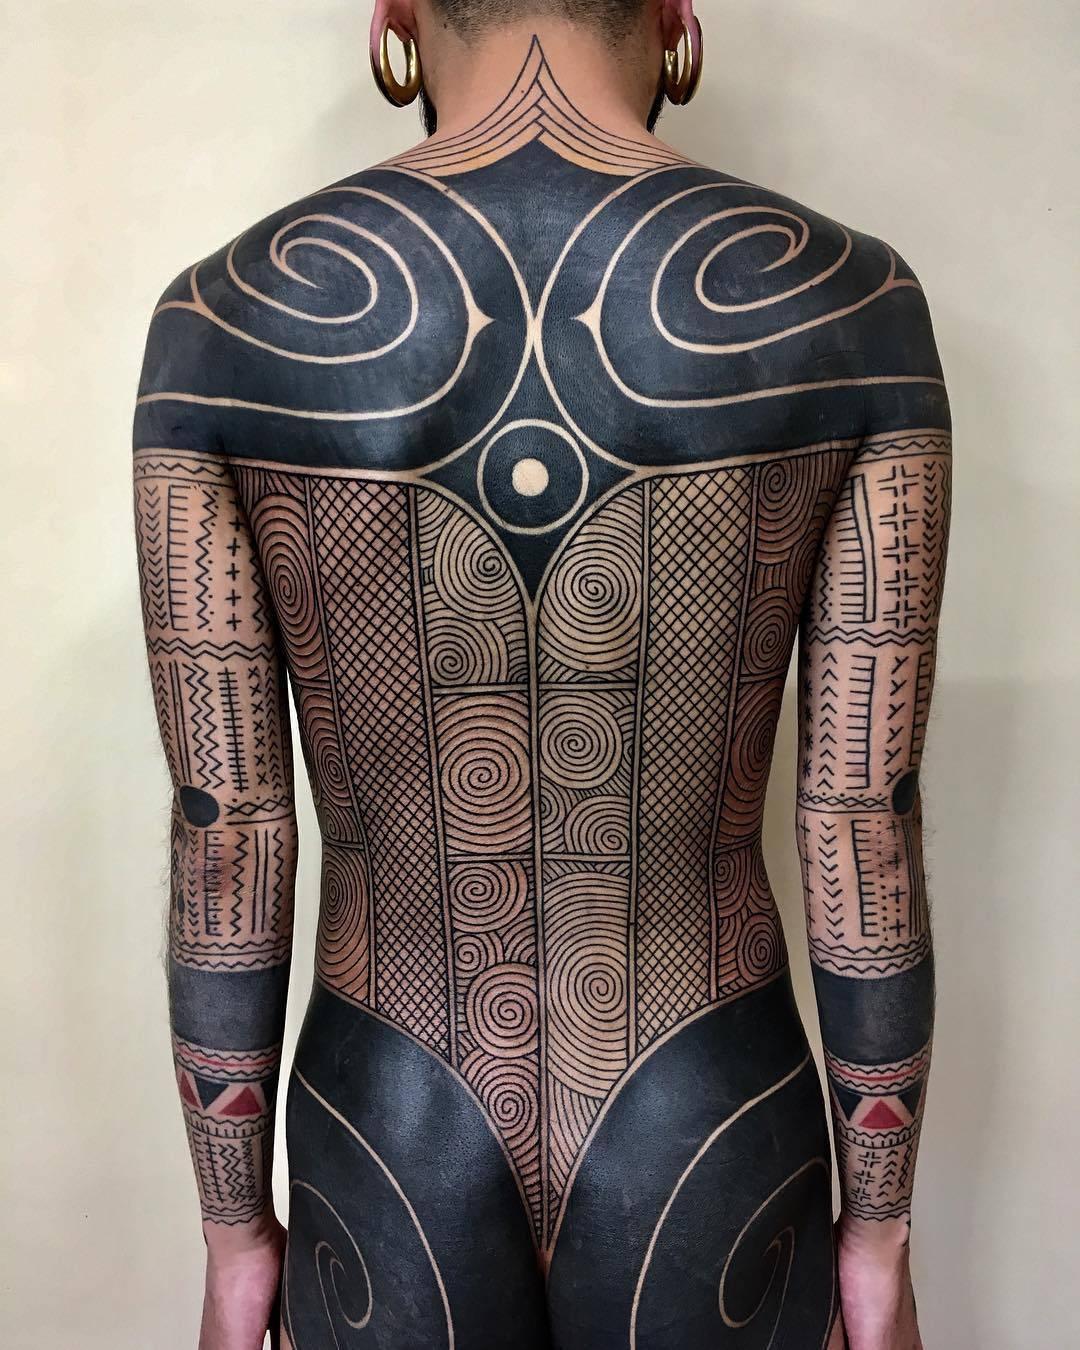 952910ef0 Taku Oshima's tribal tattoo